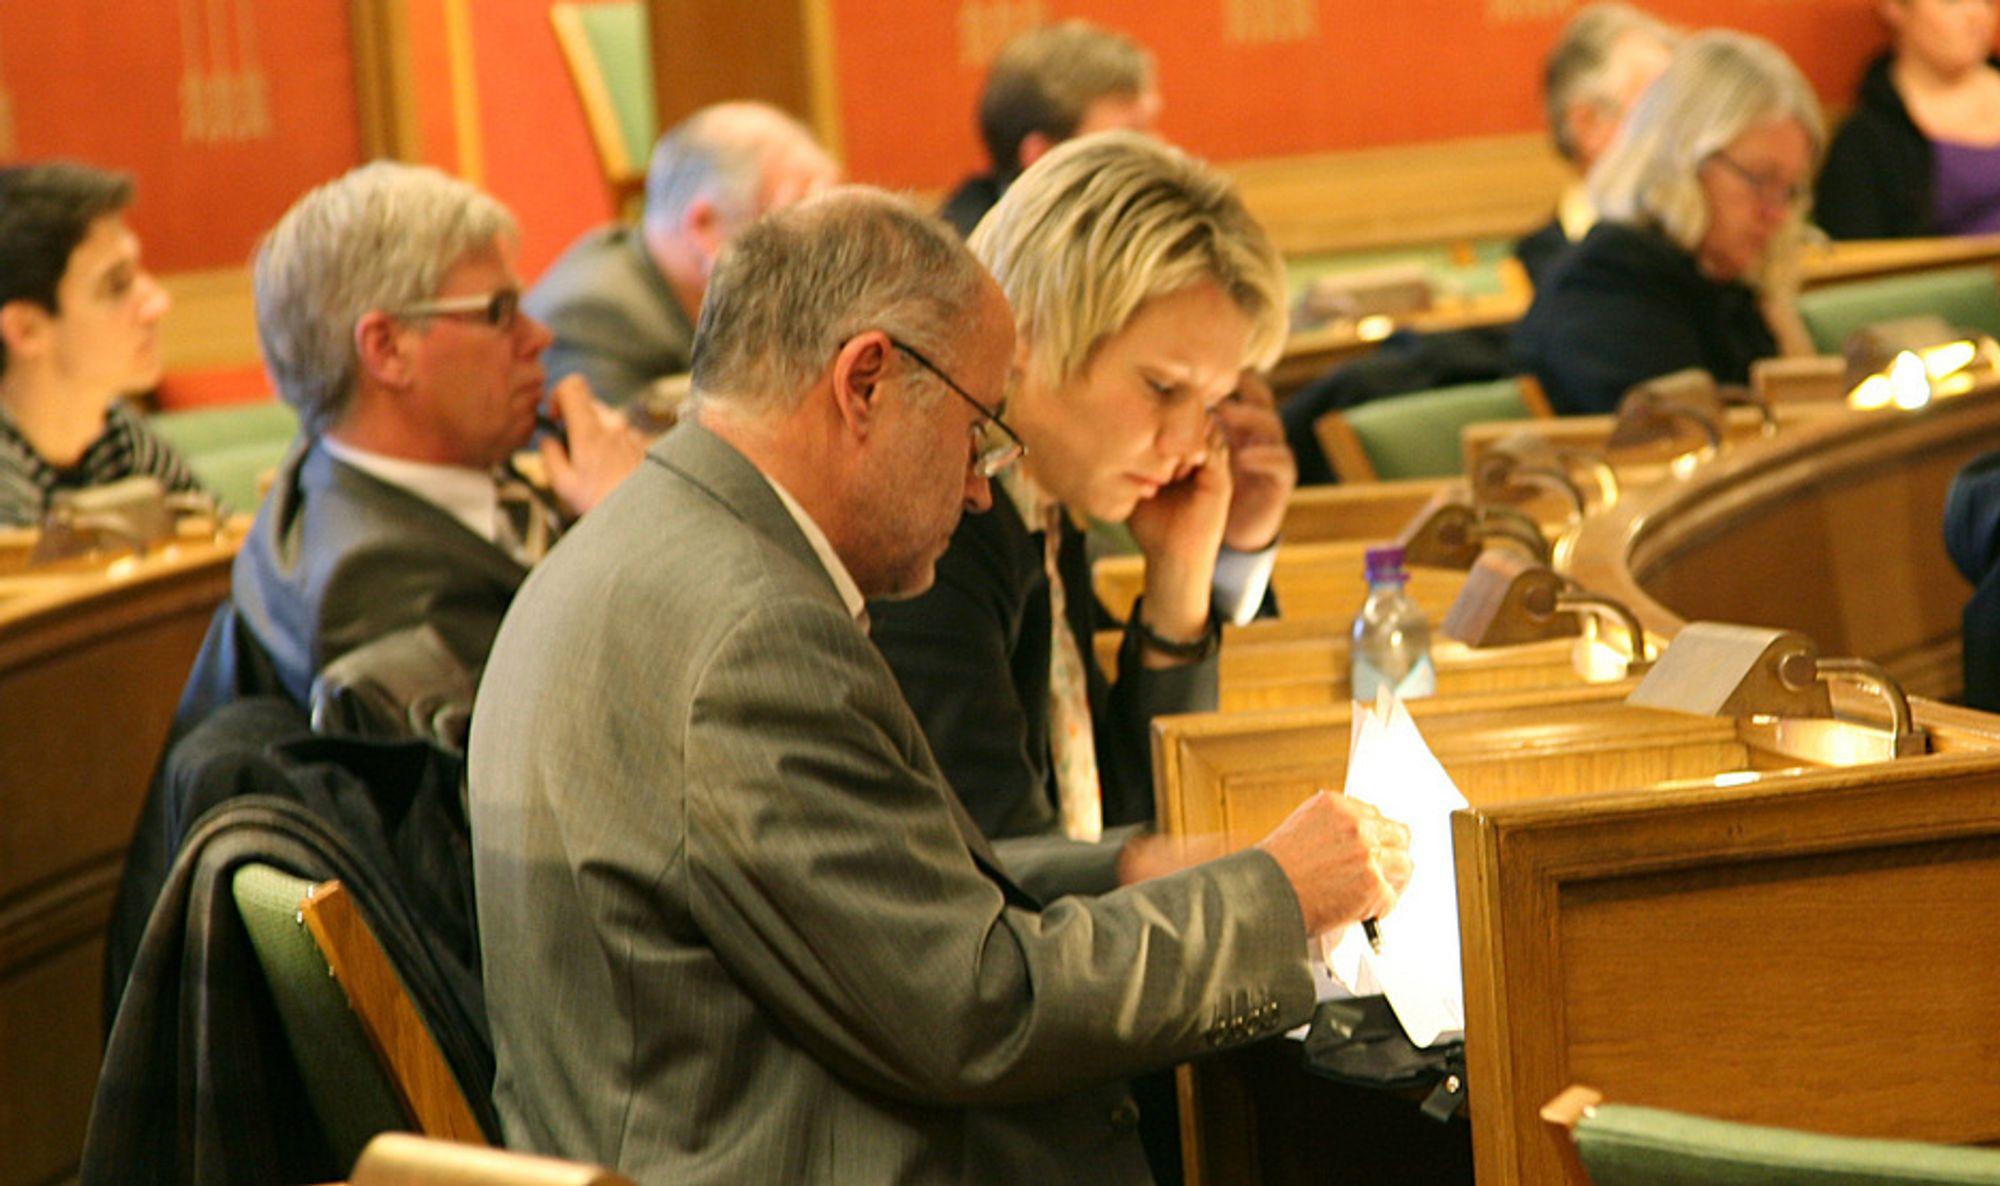 Konsernsjef Trond Bjørgan og billettsystemsjef Marit Kristiansen i KTP skyldte på leverandøren Thales og på kompliserte takststrukturer under torsdagens høring.